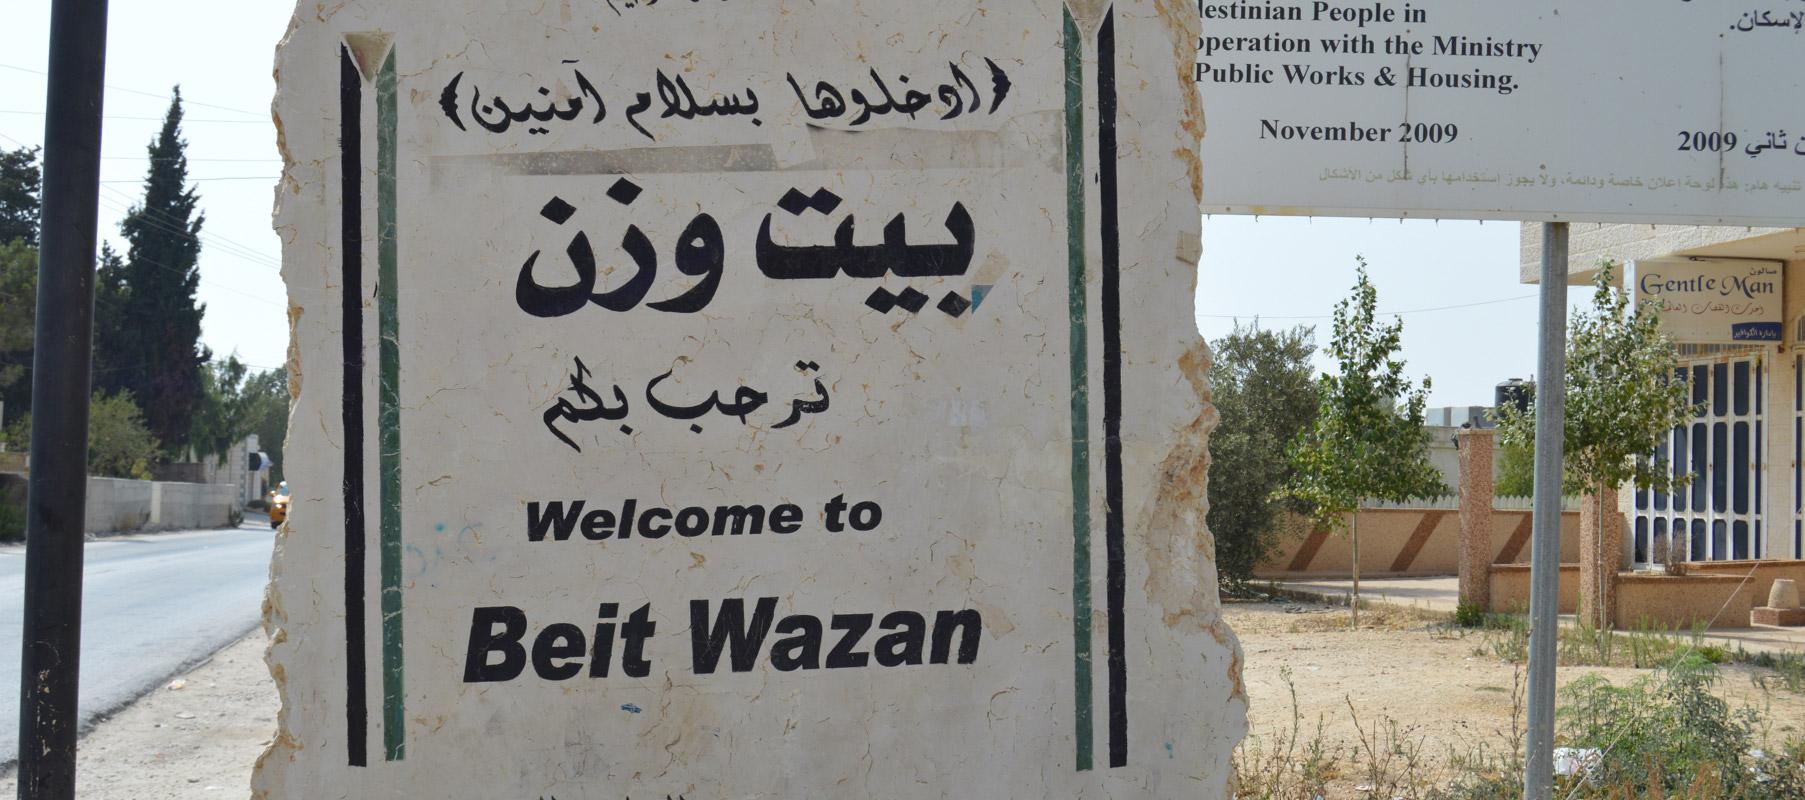 Beit Wazan, Palestine